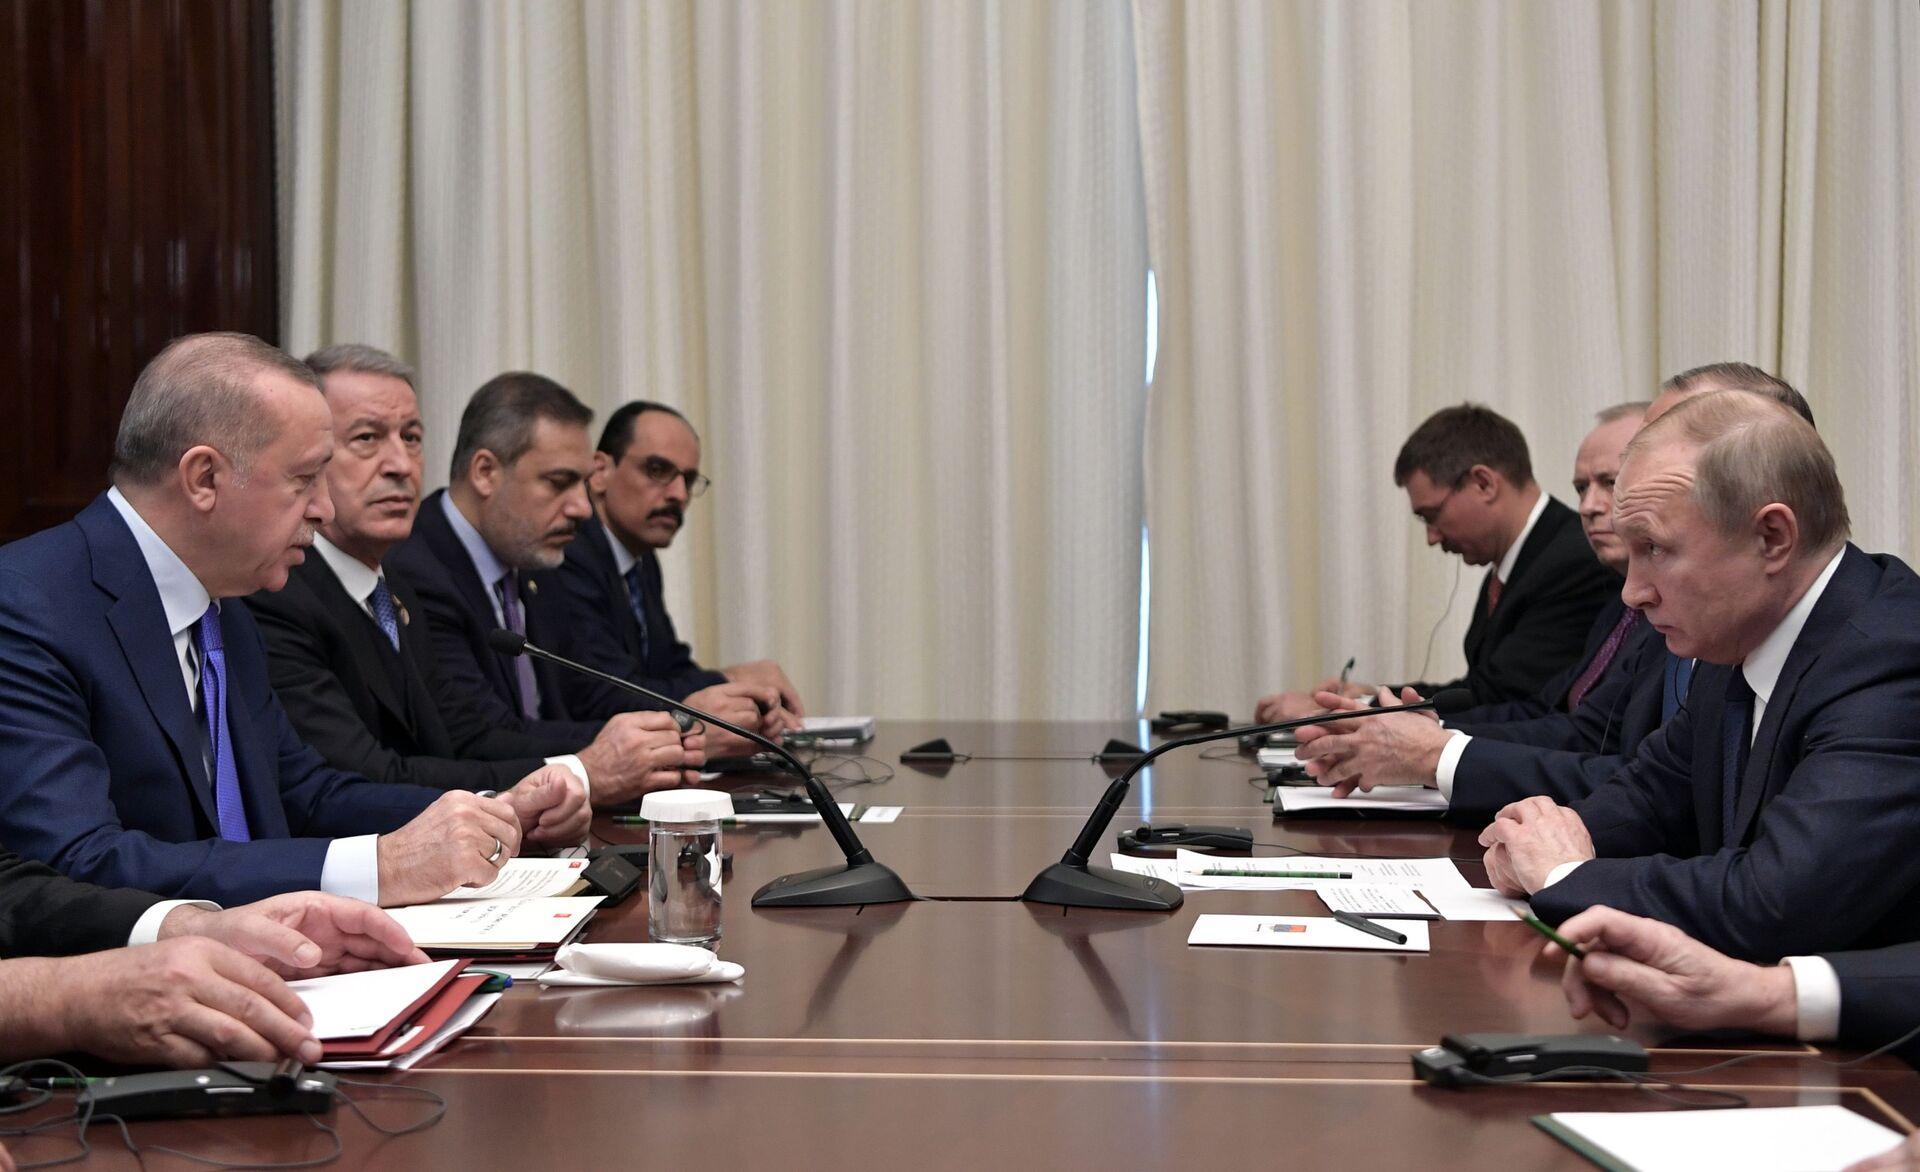 Il presidente russo Vladimir Putin durante un incontro con il presidente turco Recep Tayyip Erdogan alla Conferenza internazionale sulla Libia a Berlino - Sputnik Italia, 1920, 18.05.2021